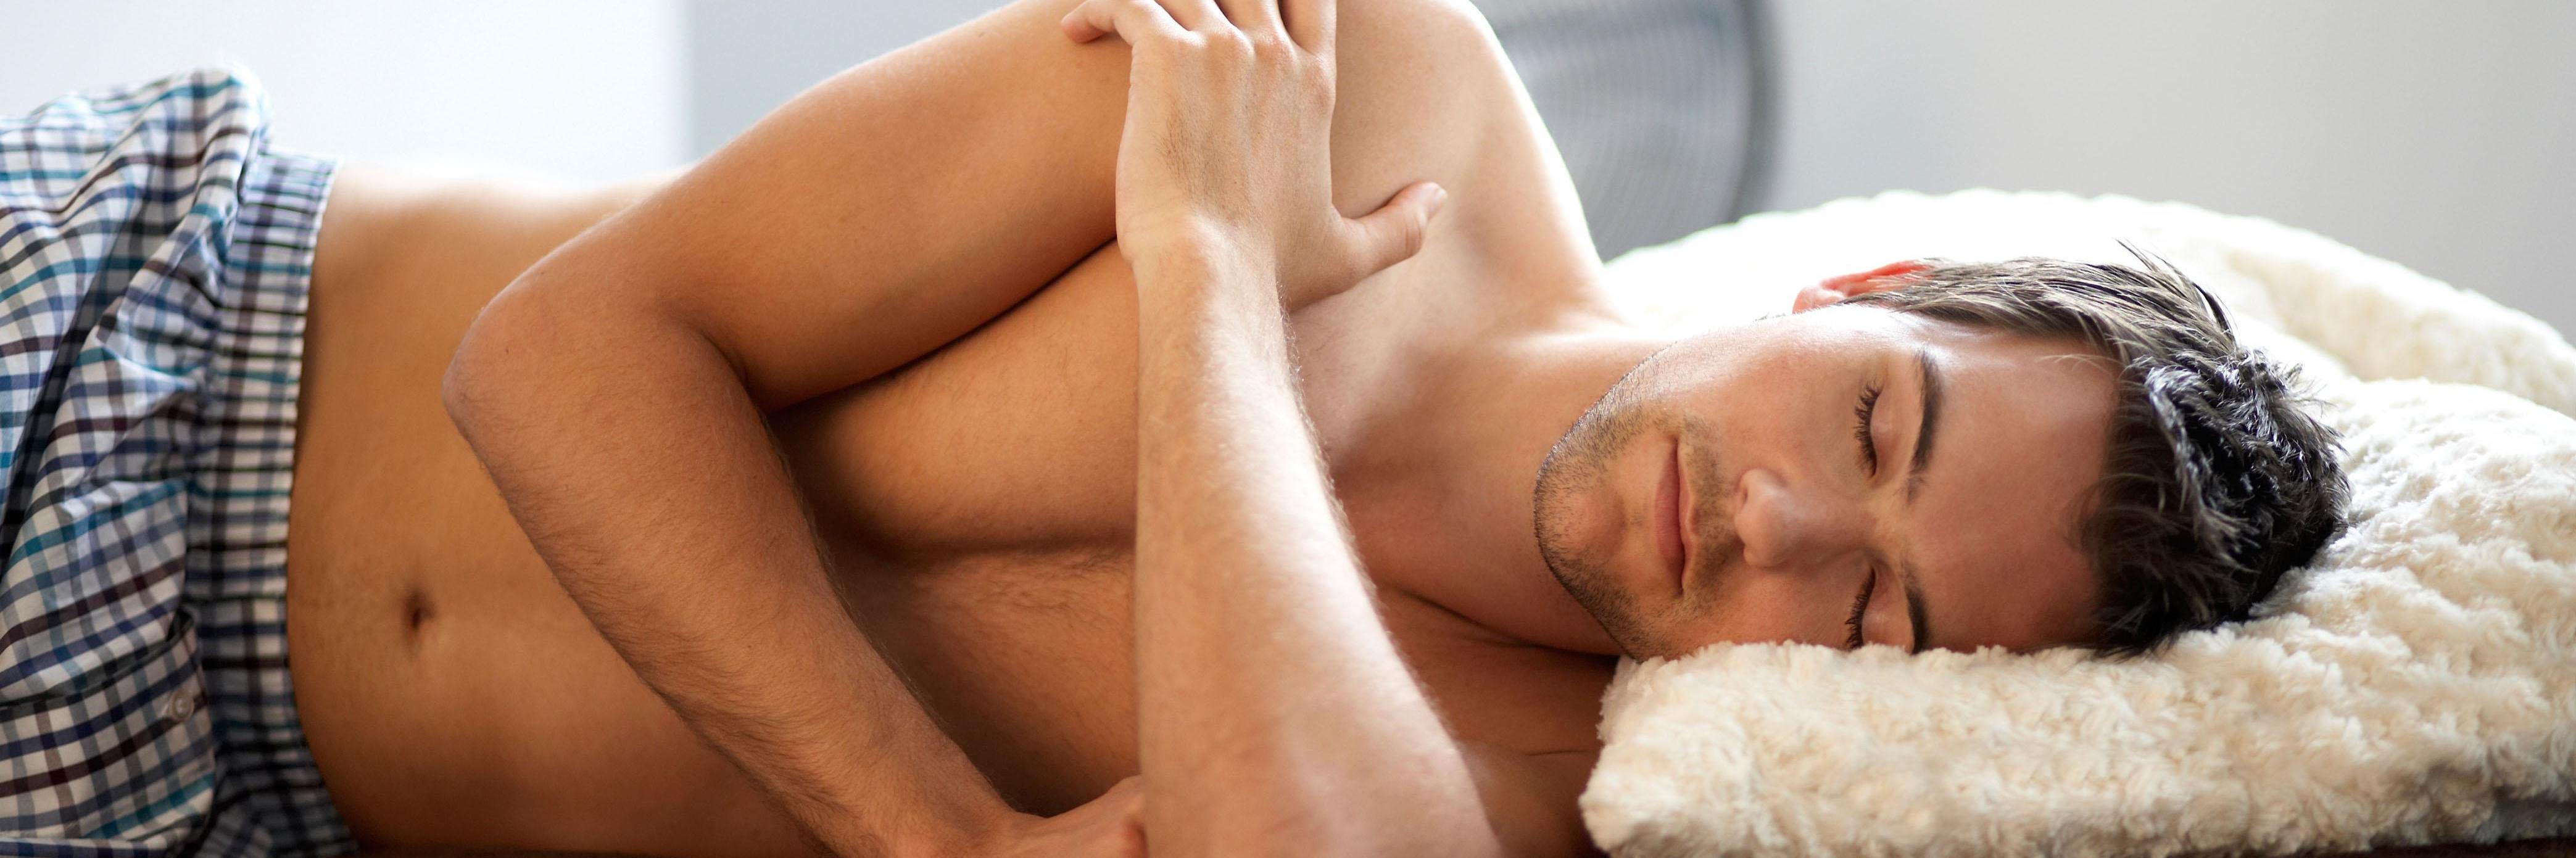 Man sleeping in underwear